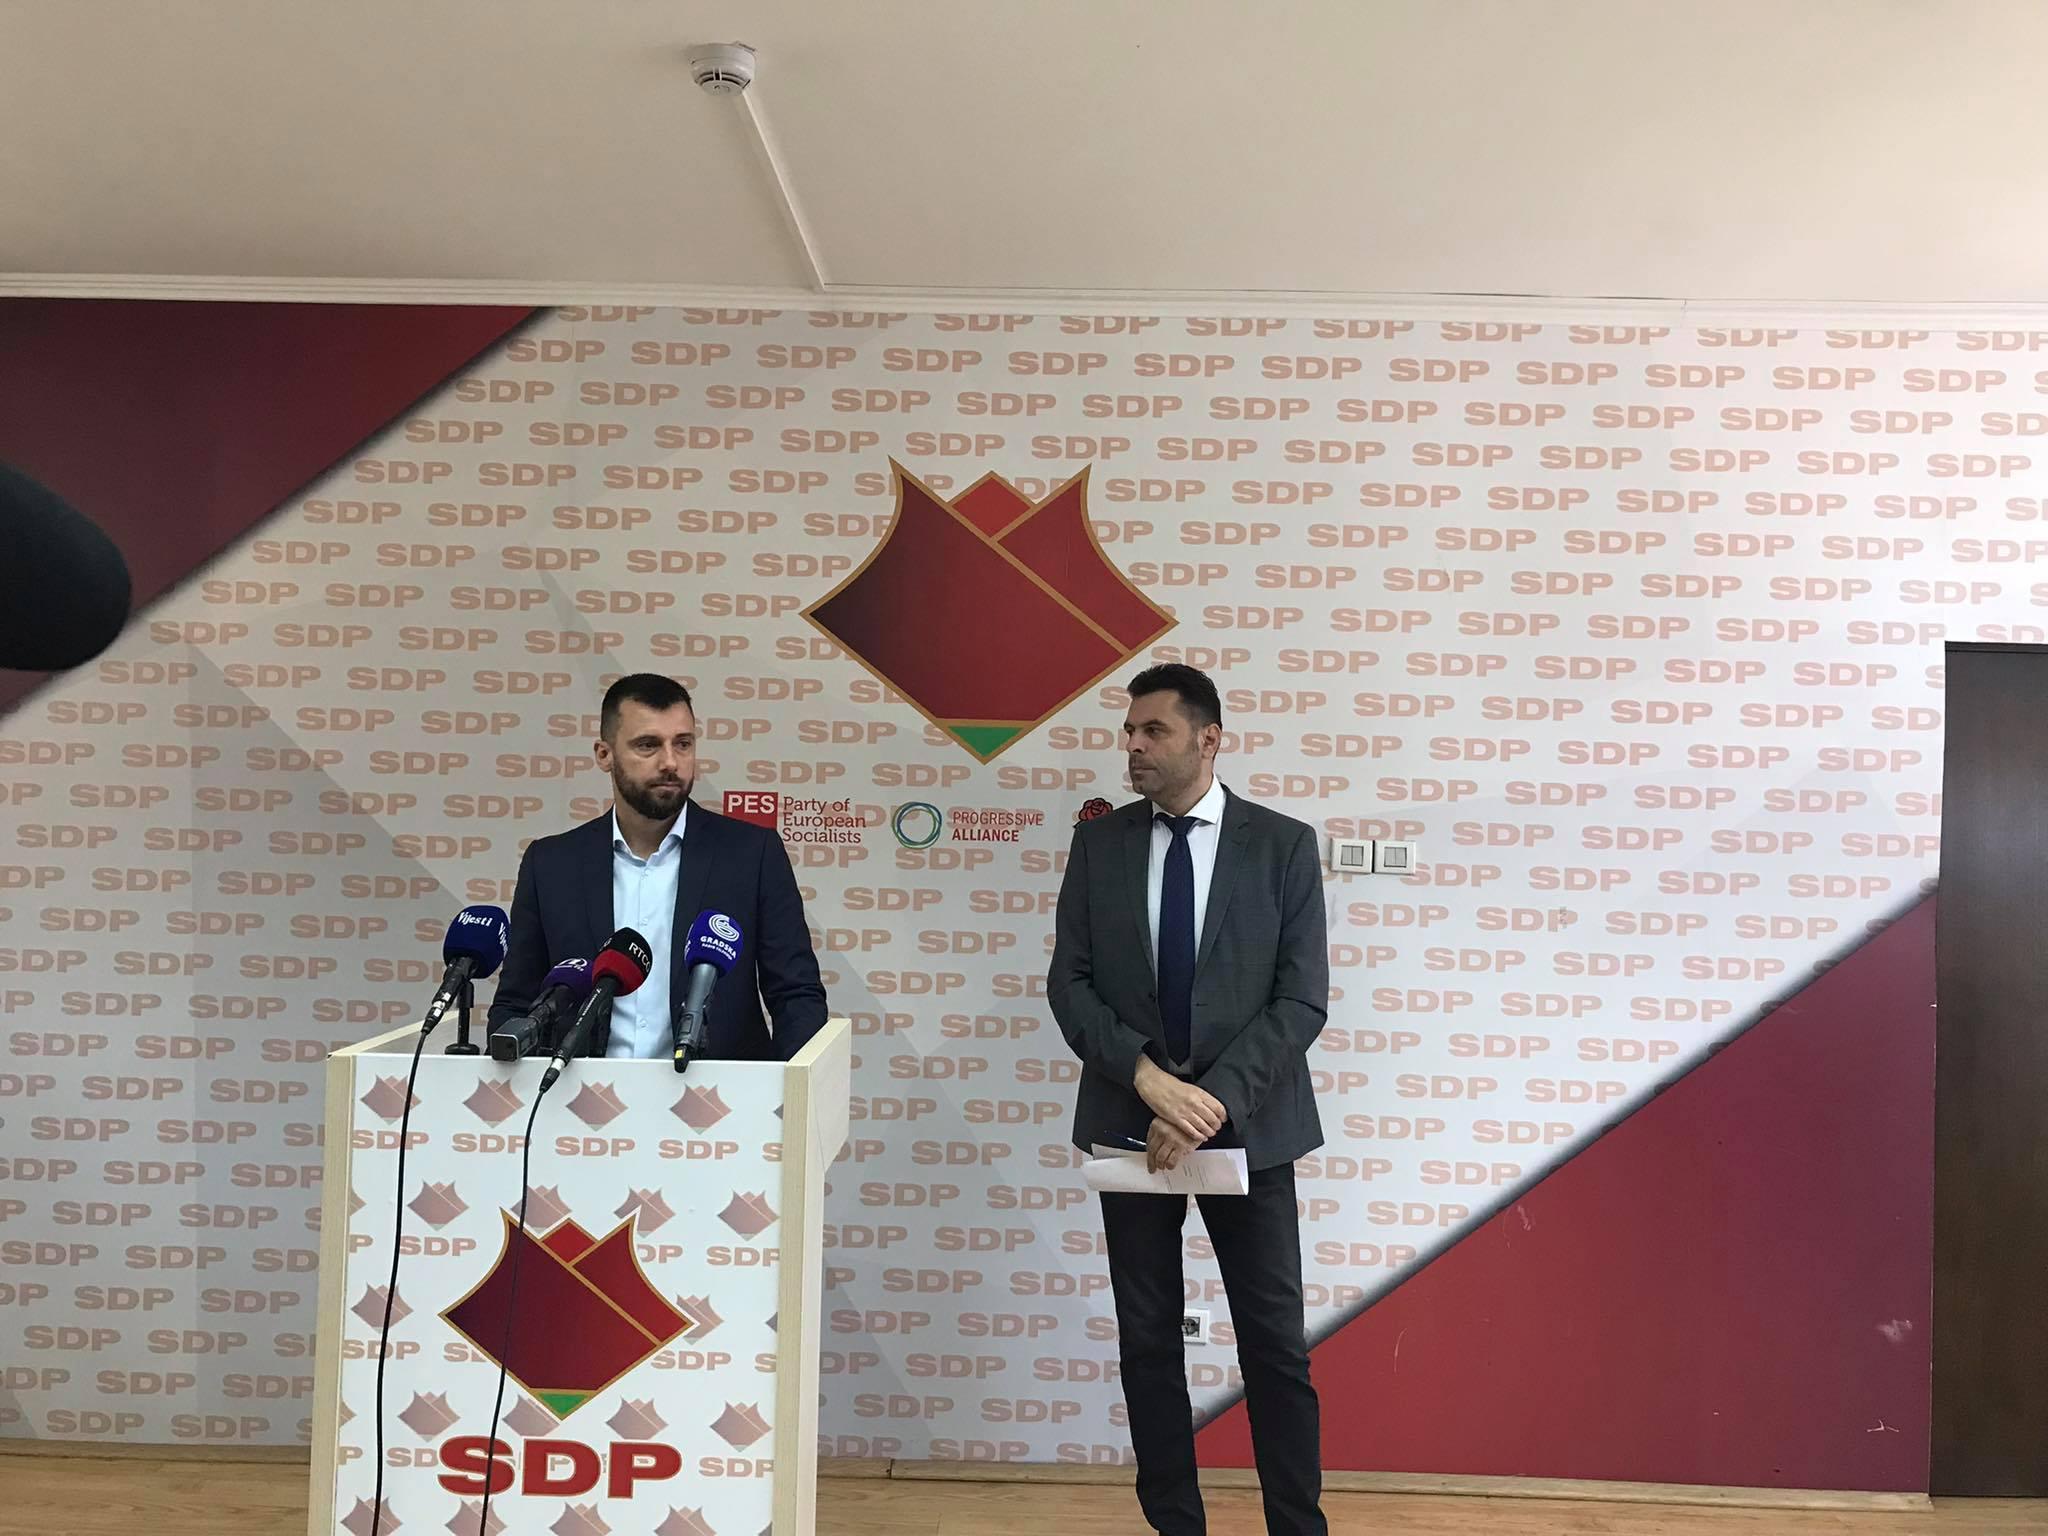 SDP predao rezoluciju o stabilizaciji političkih prilika: Povjerenje u rad Vlade nikad nije bilo niže